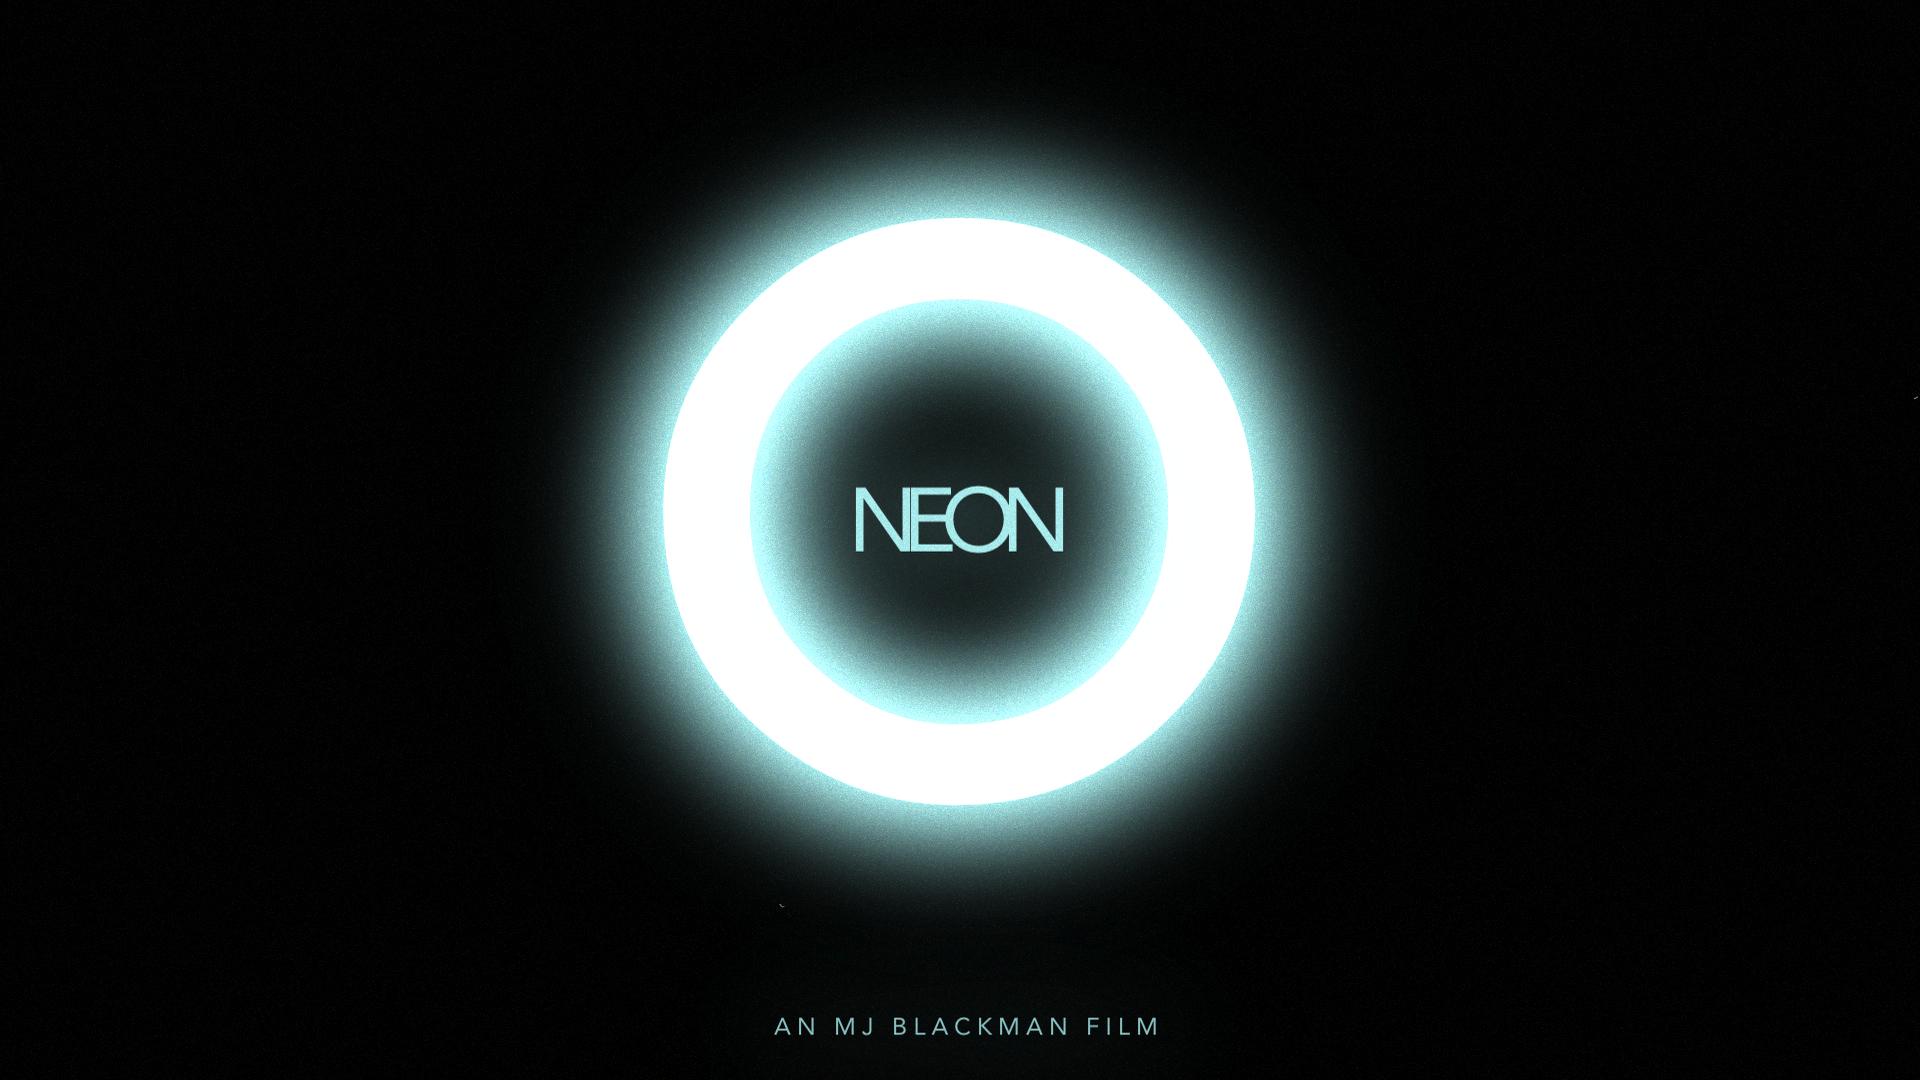 NEON - TEASER POSTER 01.jpg